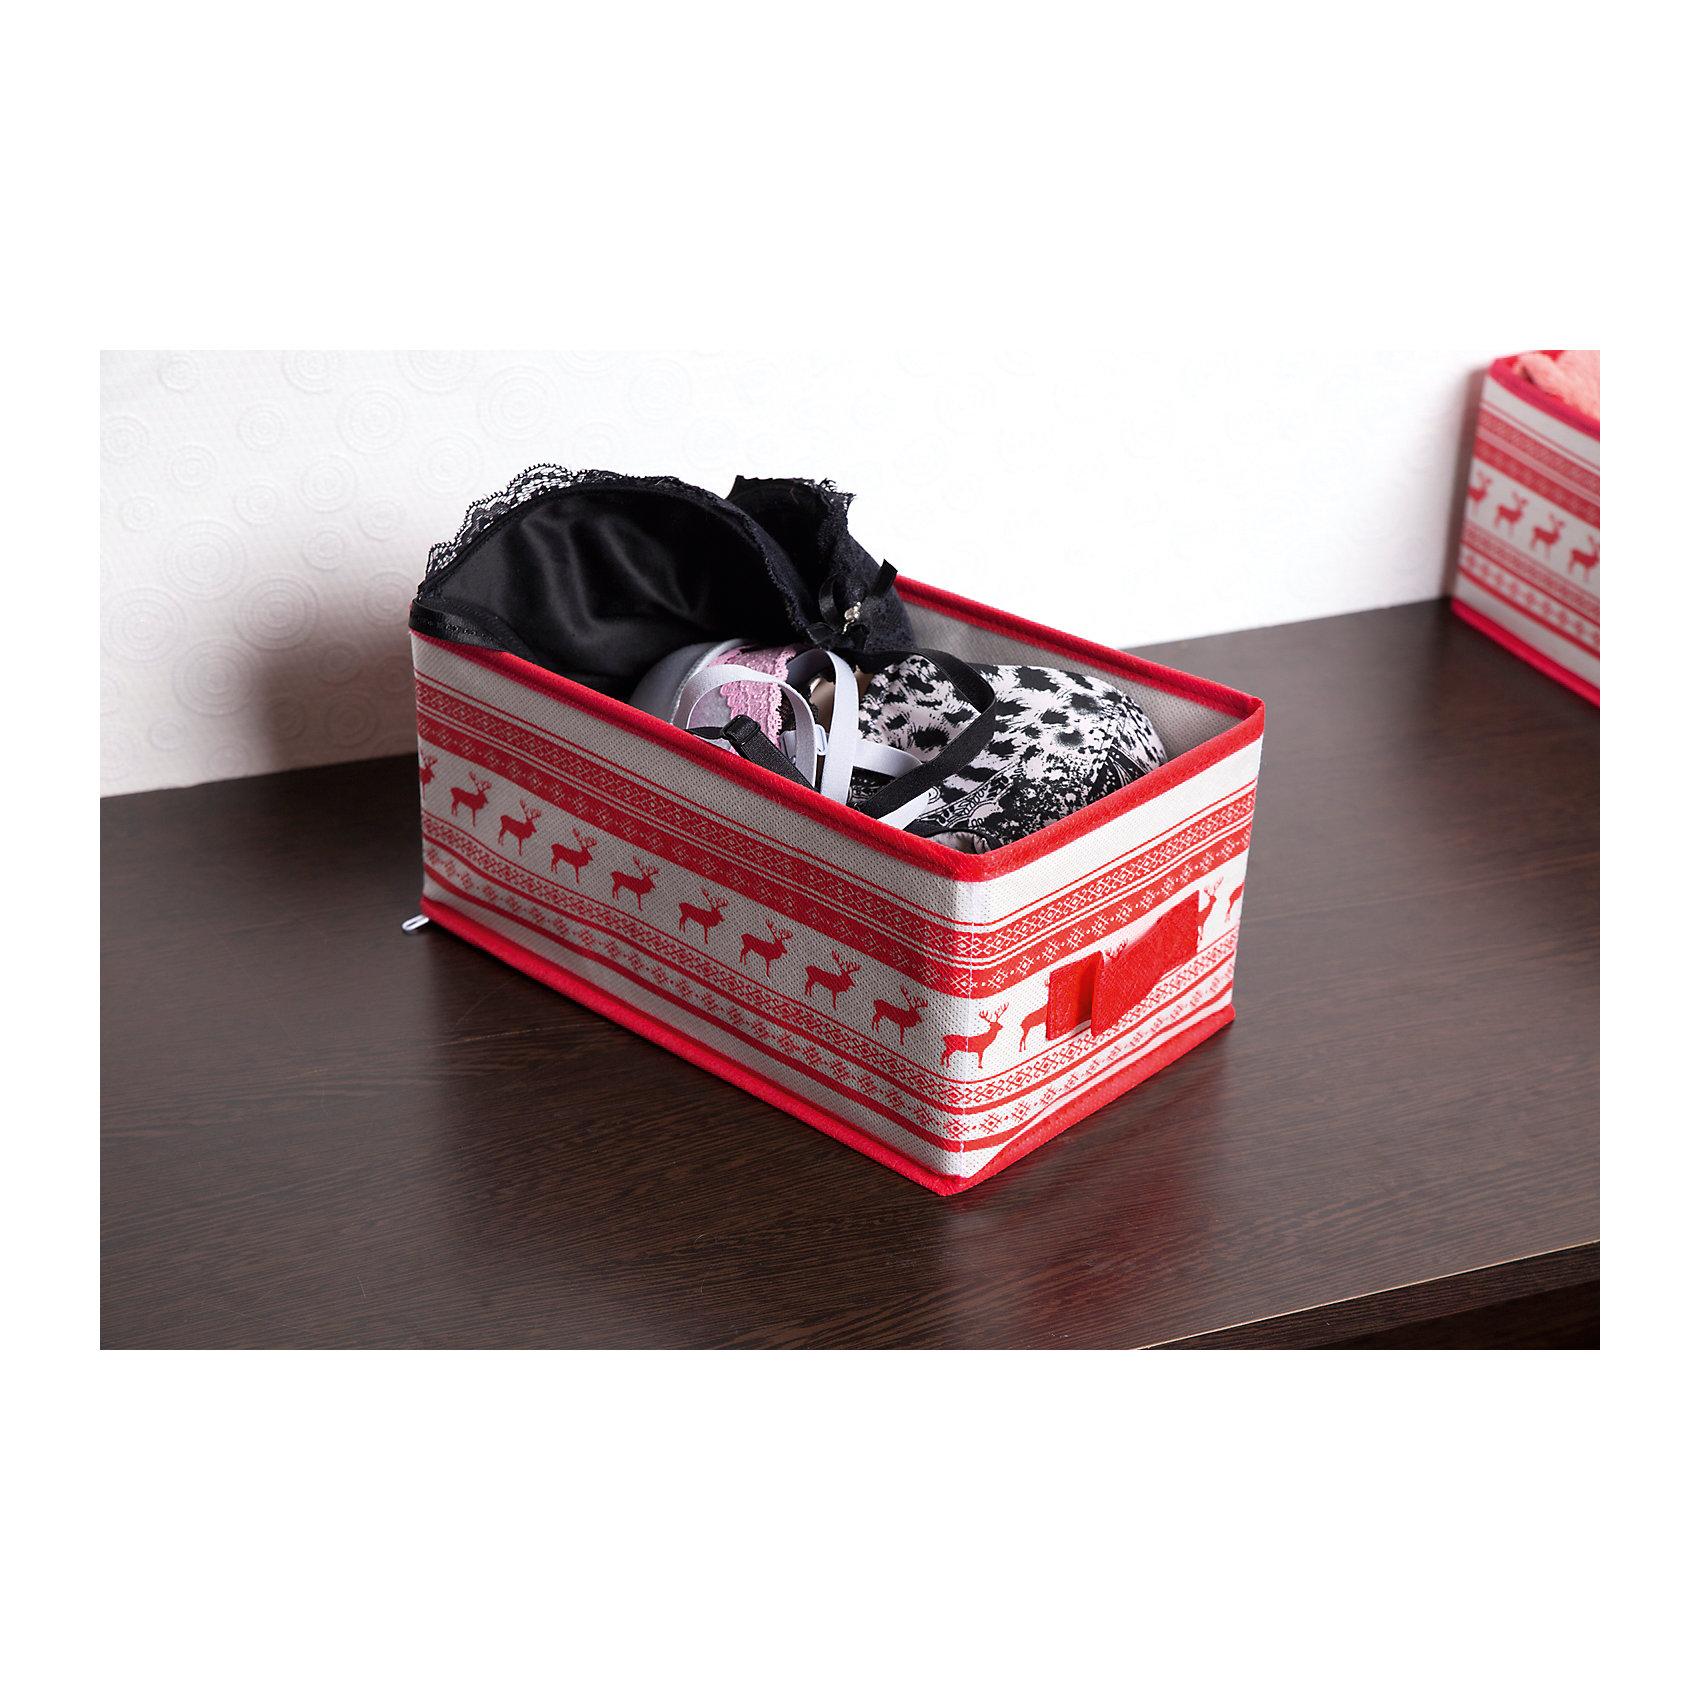 Малый ящик с ручкой Scandinavia (28*14*13), HomsuОрганайзеры для одежды<br>Характеристики товара:<br><br>• цвет: красный<br>• материал: спанбонд, картон, ПВХ<br>• размер: 28х14х13 см<br>• вес: 200 г<br>• легкий прочный каркас<br>• ручка для переноски<br>• вместимость: 1 отделение<br>• страна бренда: Россия<br>• страна изготовитель: Китай<br><br>Малый ящик с ручкой Scandinavia от бренда Homsu (Хомсу) - очень удобная вещь для хранения вещей и эргономичной организации пространства.<br><br>Он легкий, устойчивый, вместительный, имеет удобную ручку для переноски.<br><br>Малый ящик с ручкой Scandinavia (28*14*13), Homsu можно купить в нашем интернет-магазине.<br><br>Ширина мм: 450<br>Глубина мм: 150<br>Высота мм: 20<br>Вес г: 200<br>Возраст от месяцев: 216<br>Возраст до месяцев: 1188<br>Пол: Унисекс<br>Возраст: Детский<br>SKU: 5620163